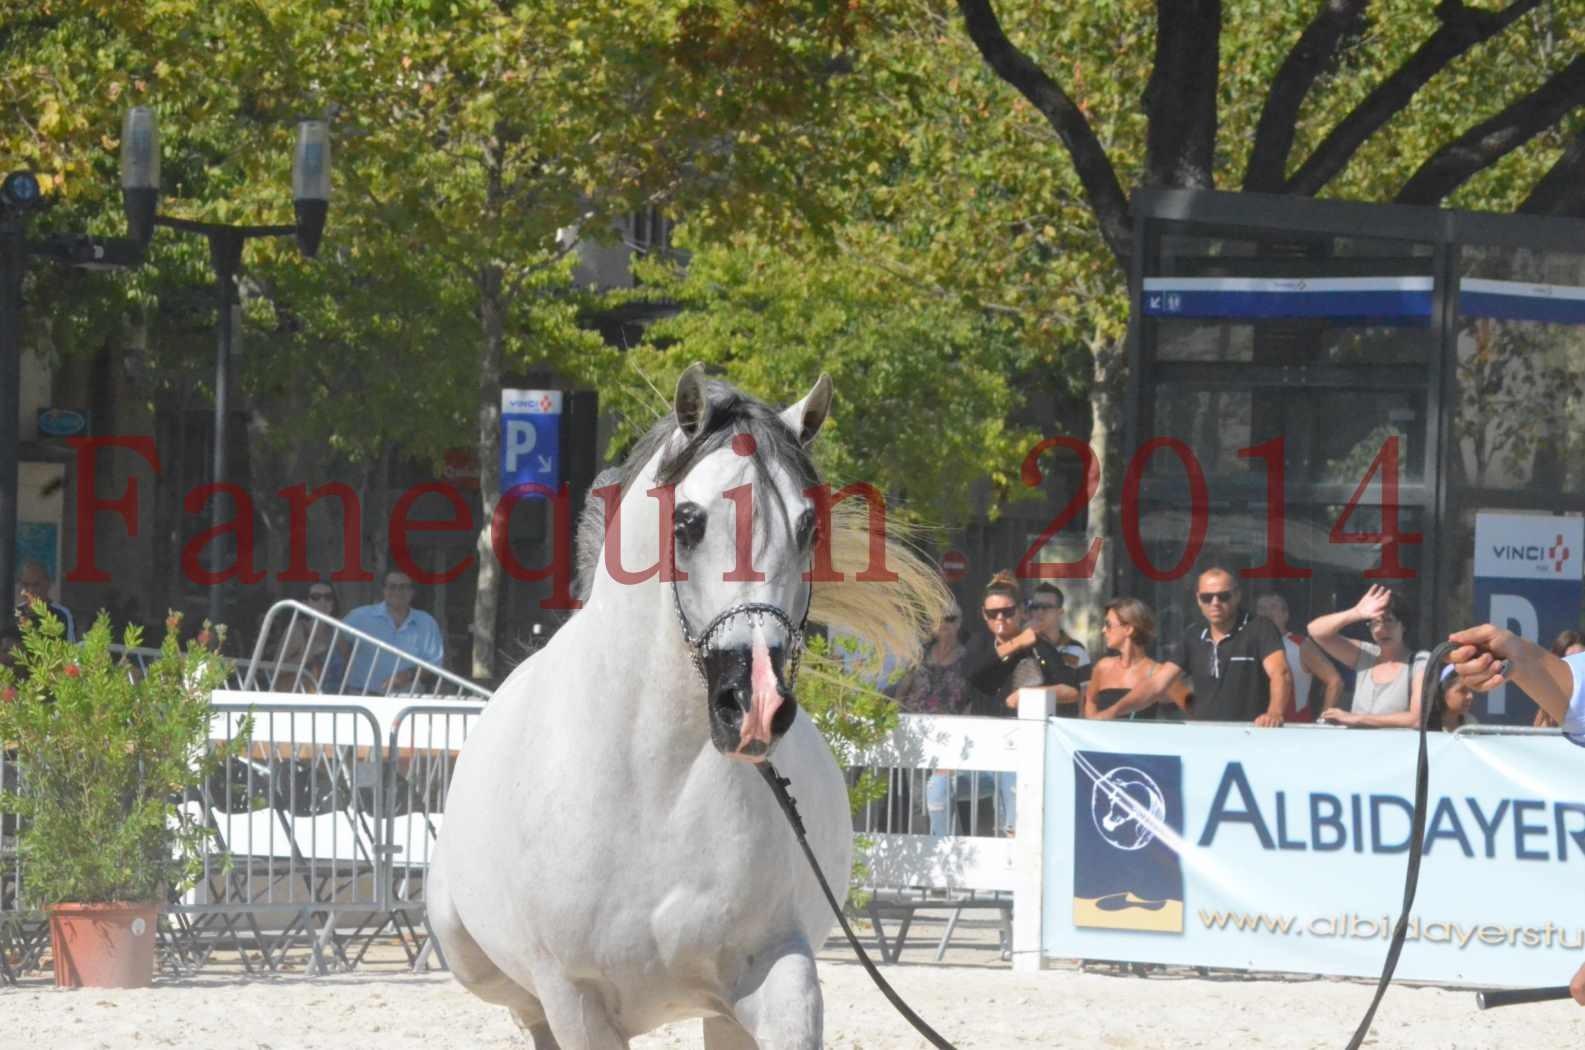 Concours National de Nîmes de chevaux ARABES 2014 - Championnat - SHAOLIN DE NEDJAIA - 26